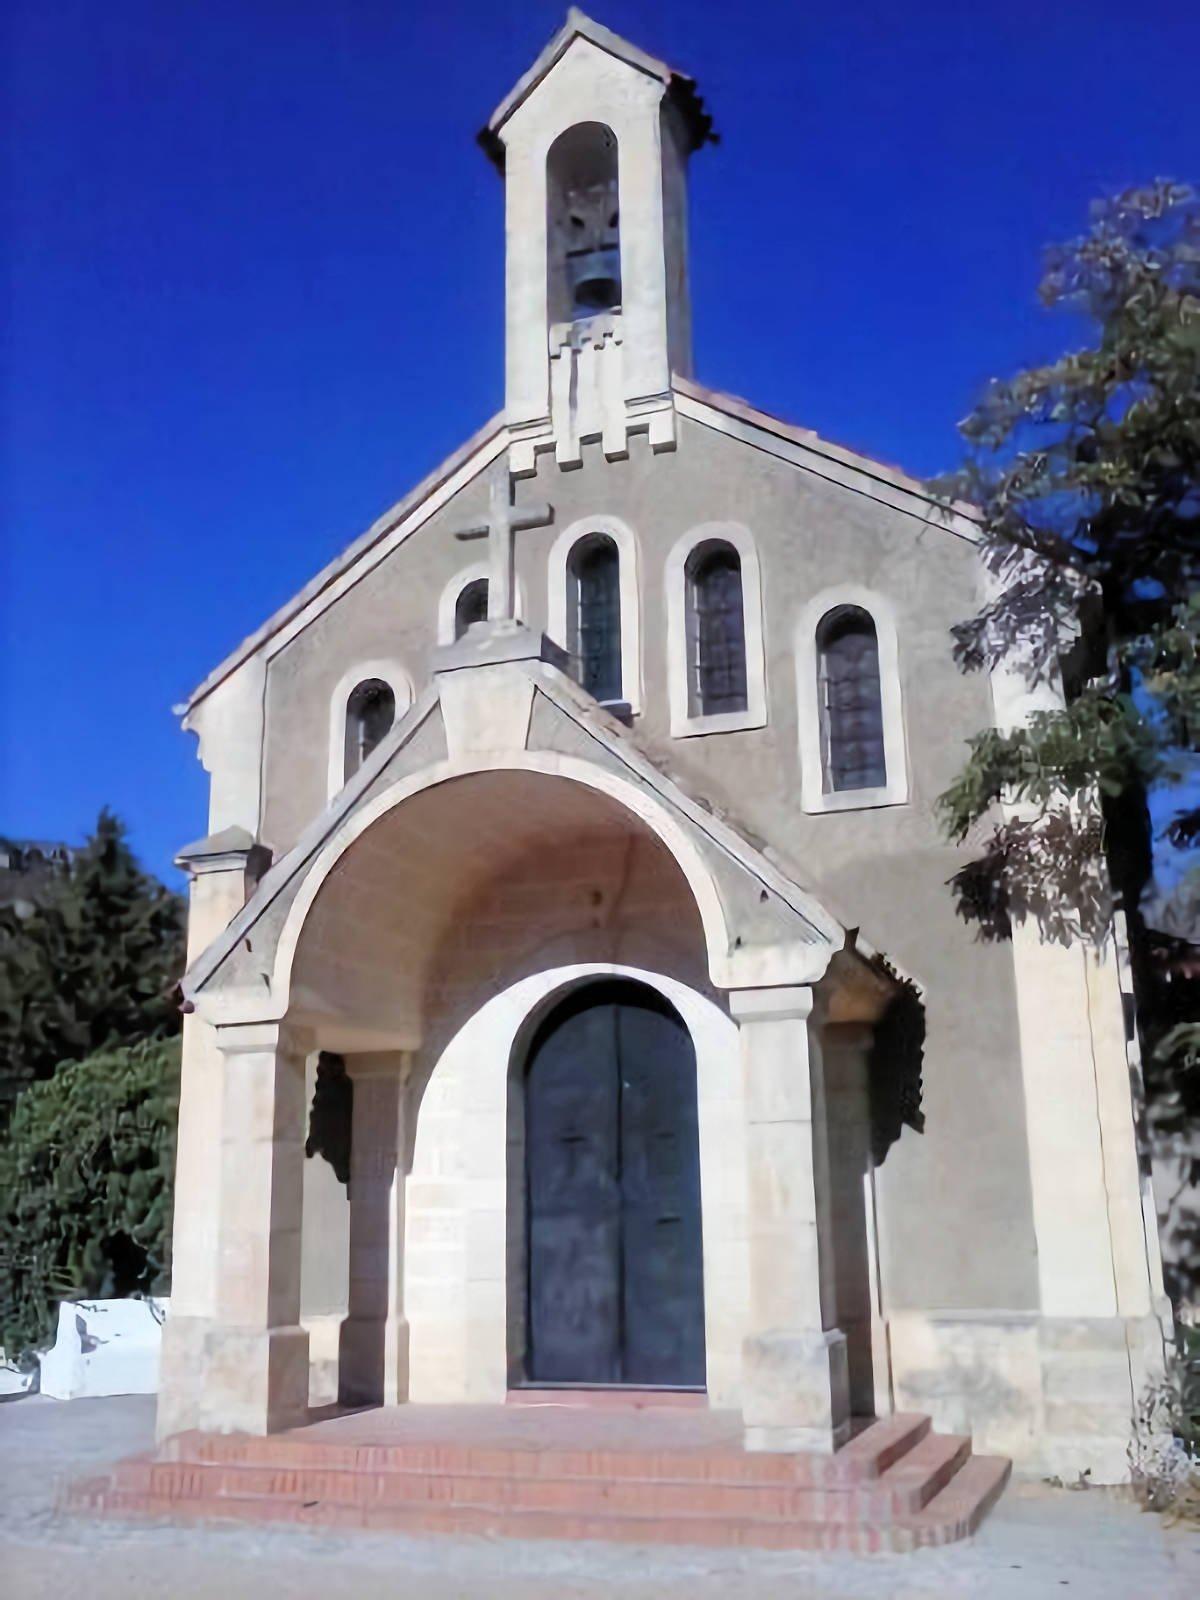 Enguídanos-Iglesia-de-Nuestra-Señora-de-la-Asunción